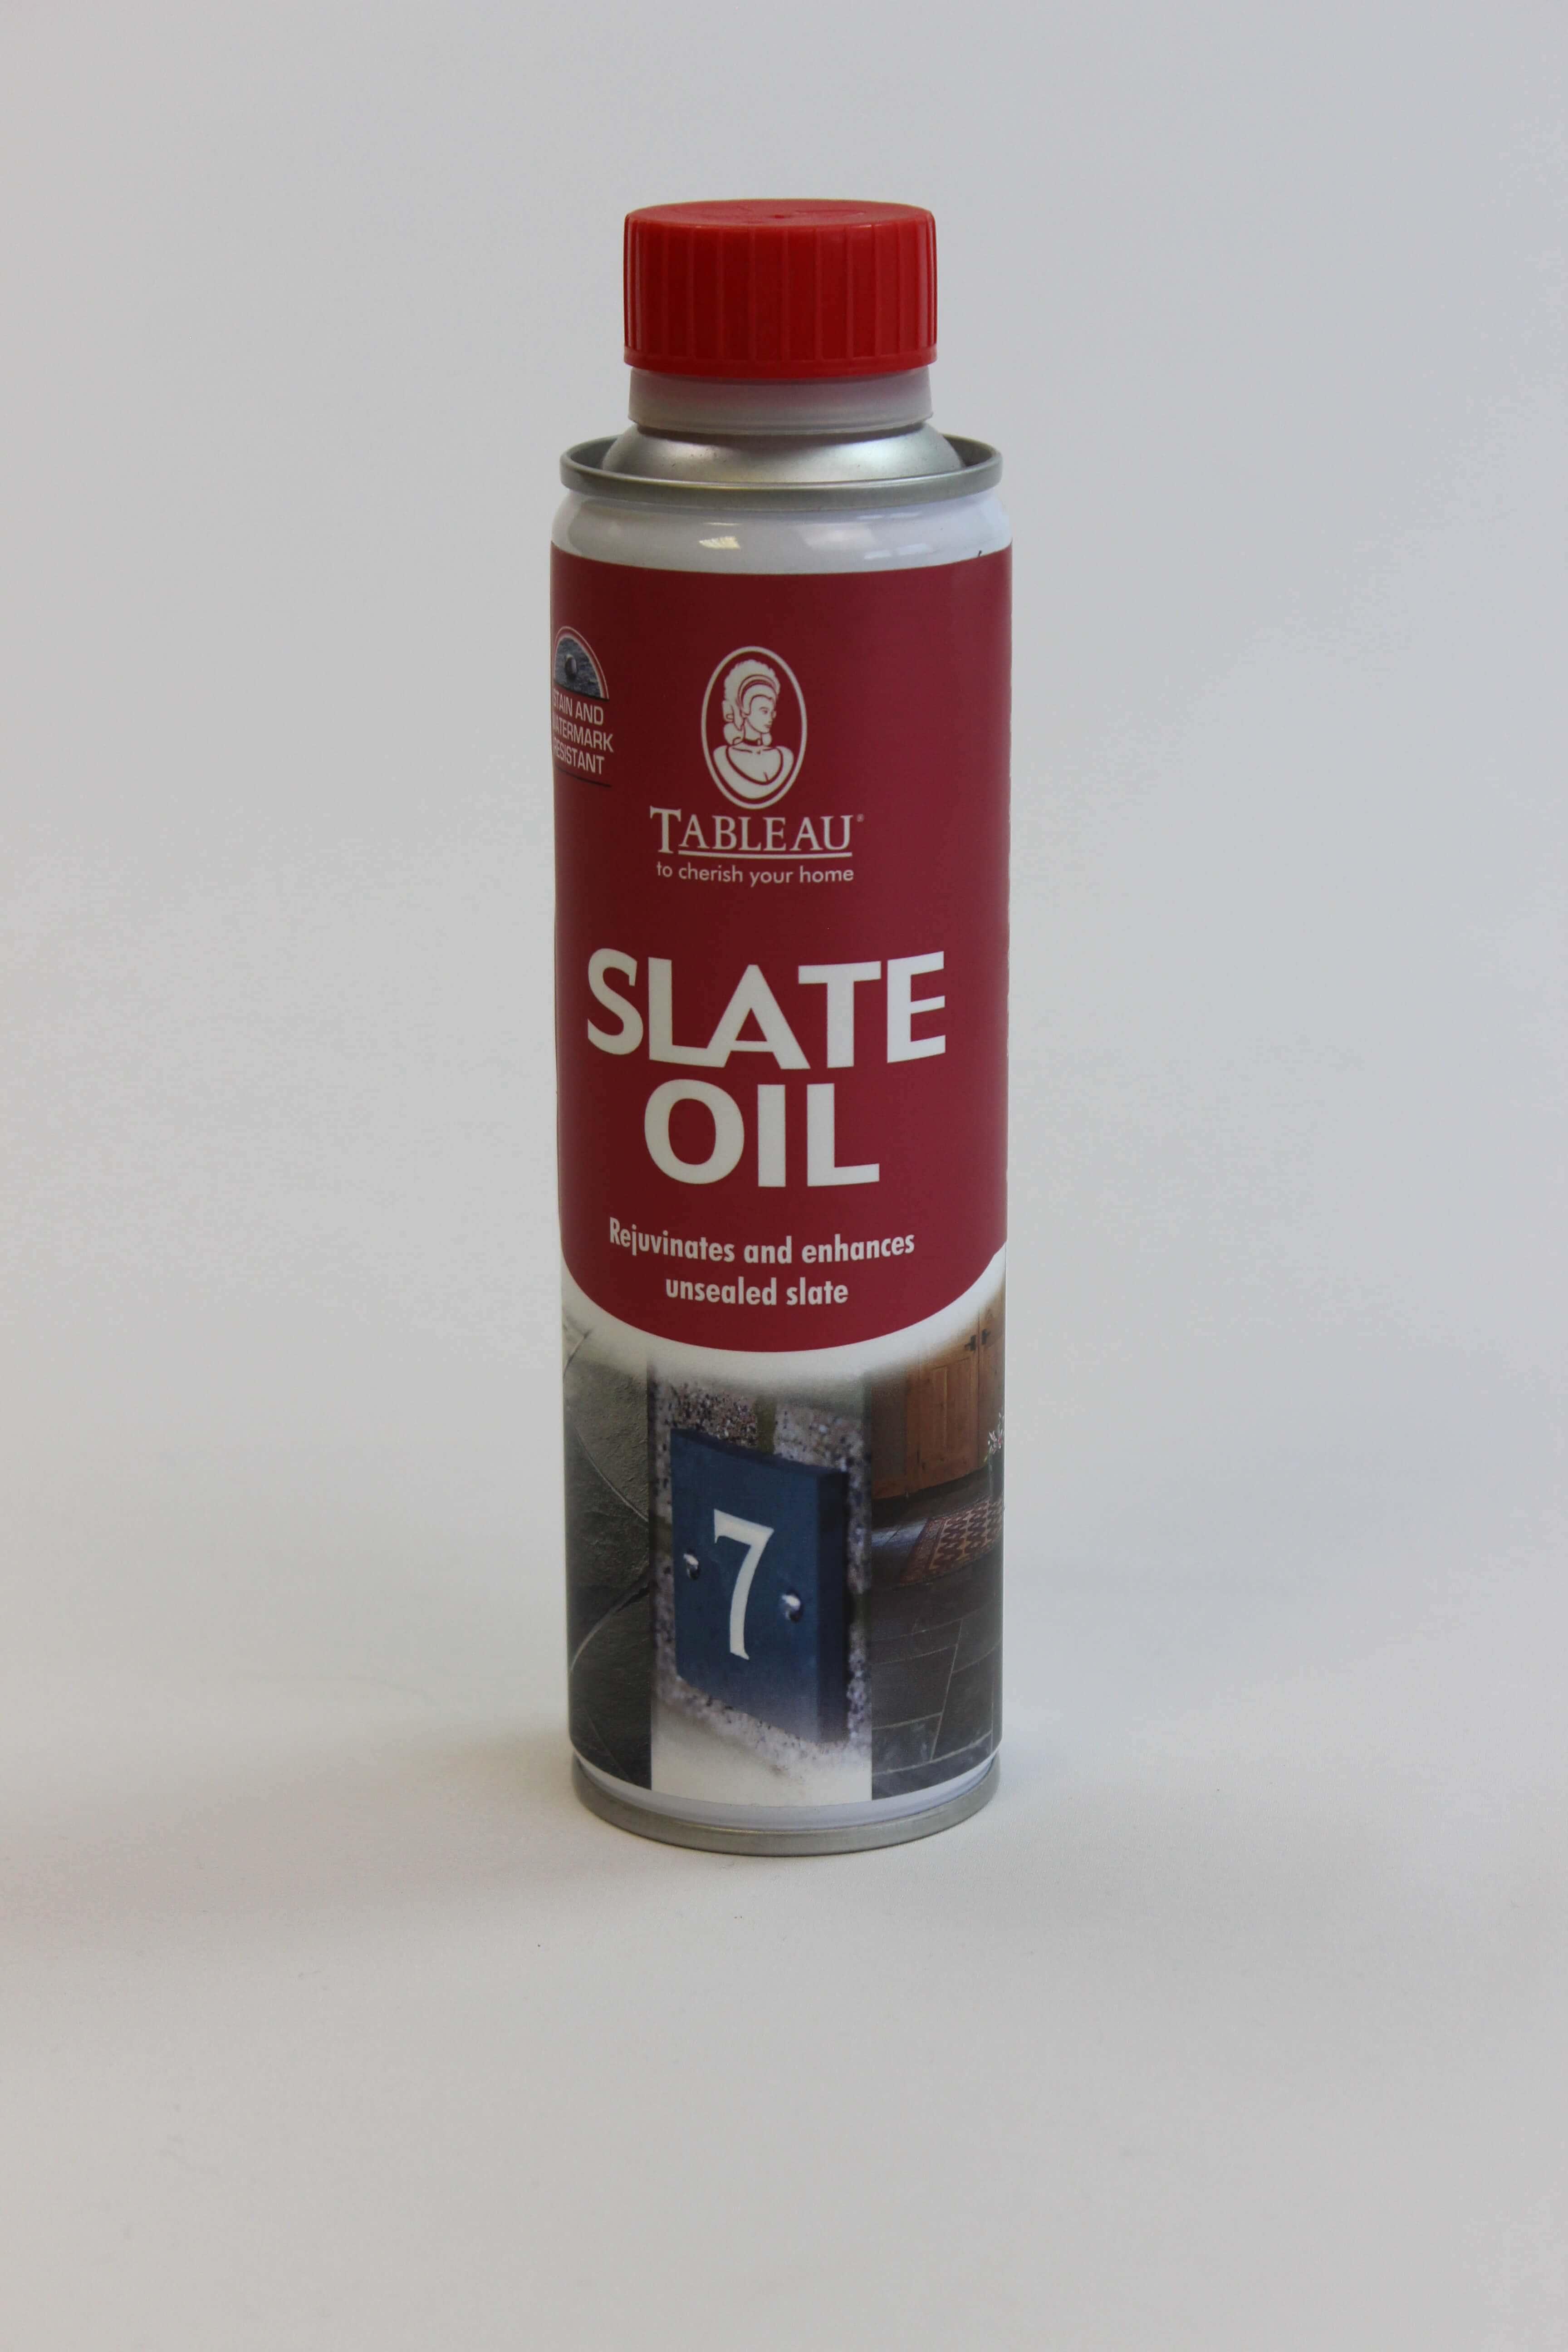 Tableau Slate Oil